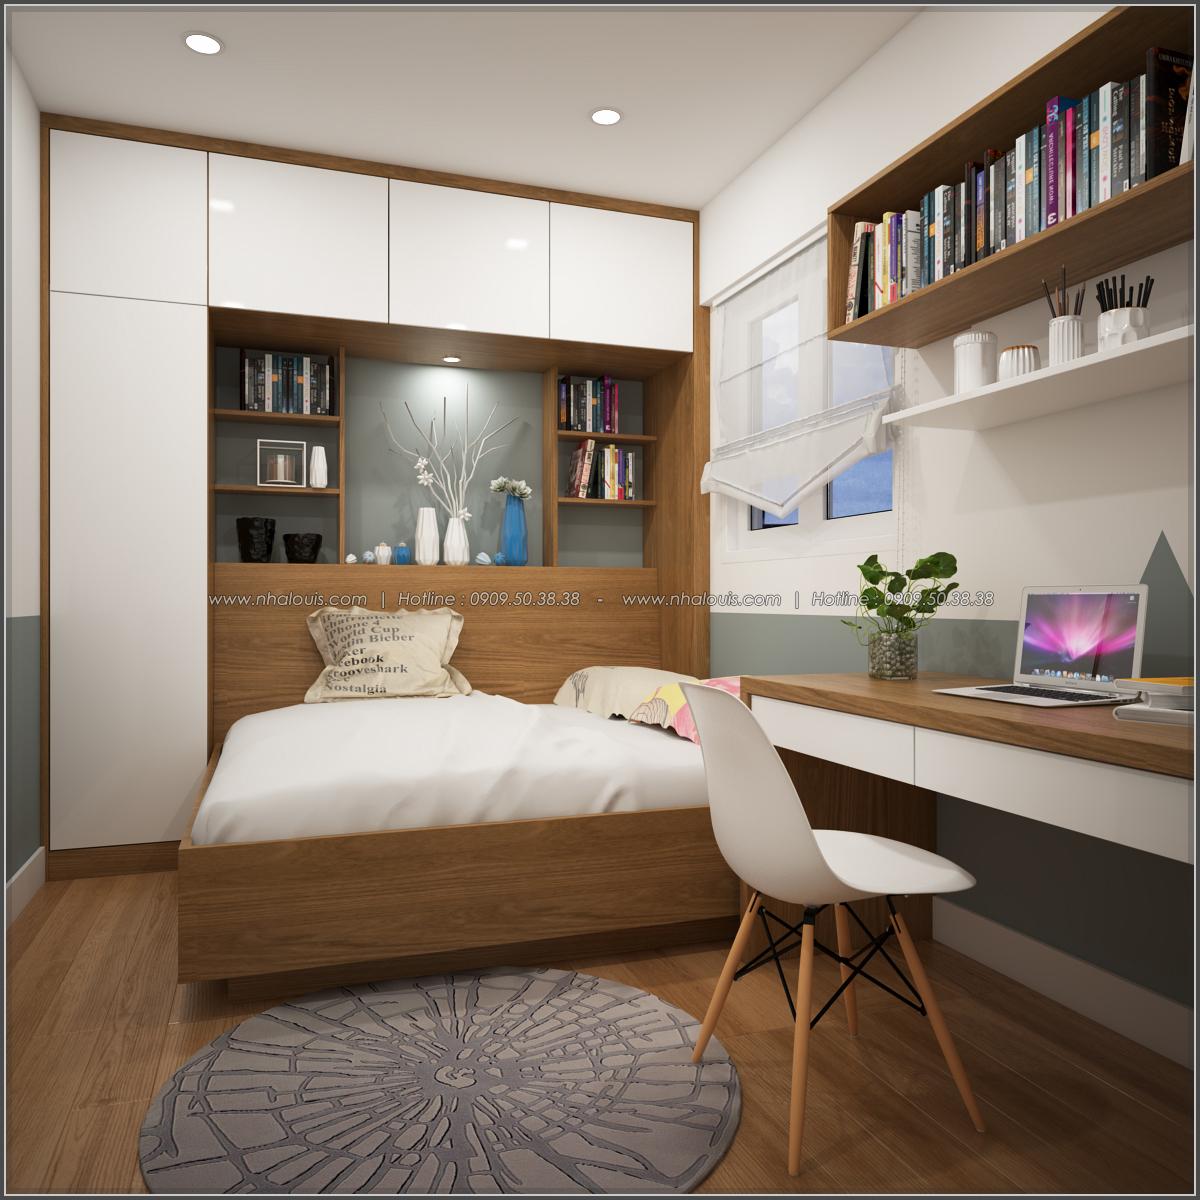 Thiết kế căn hộ chung cư 3 phòng ngủ Happy Valley quận 7 - 10